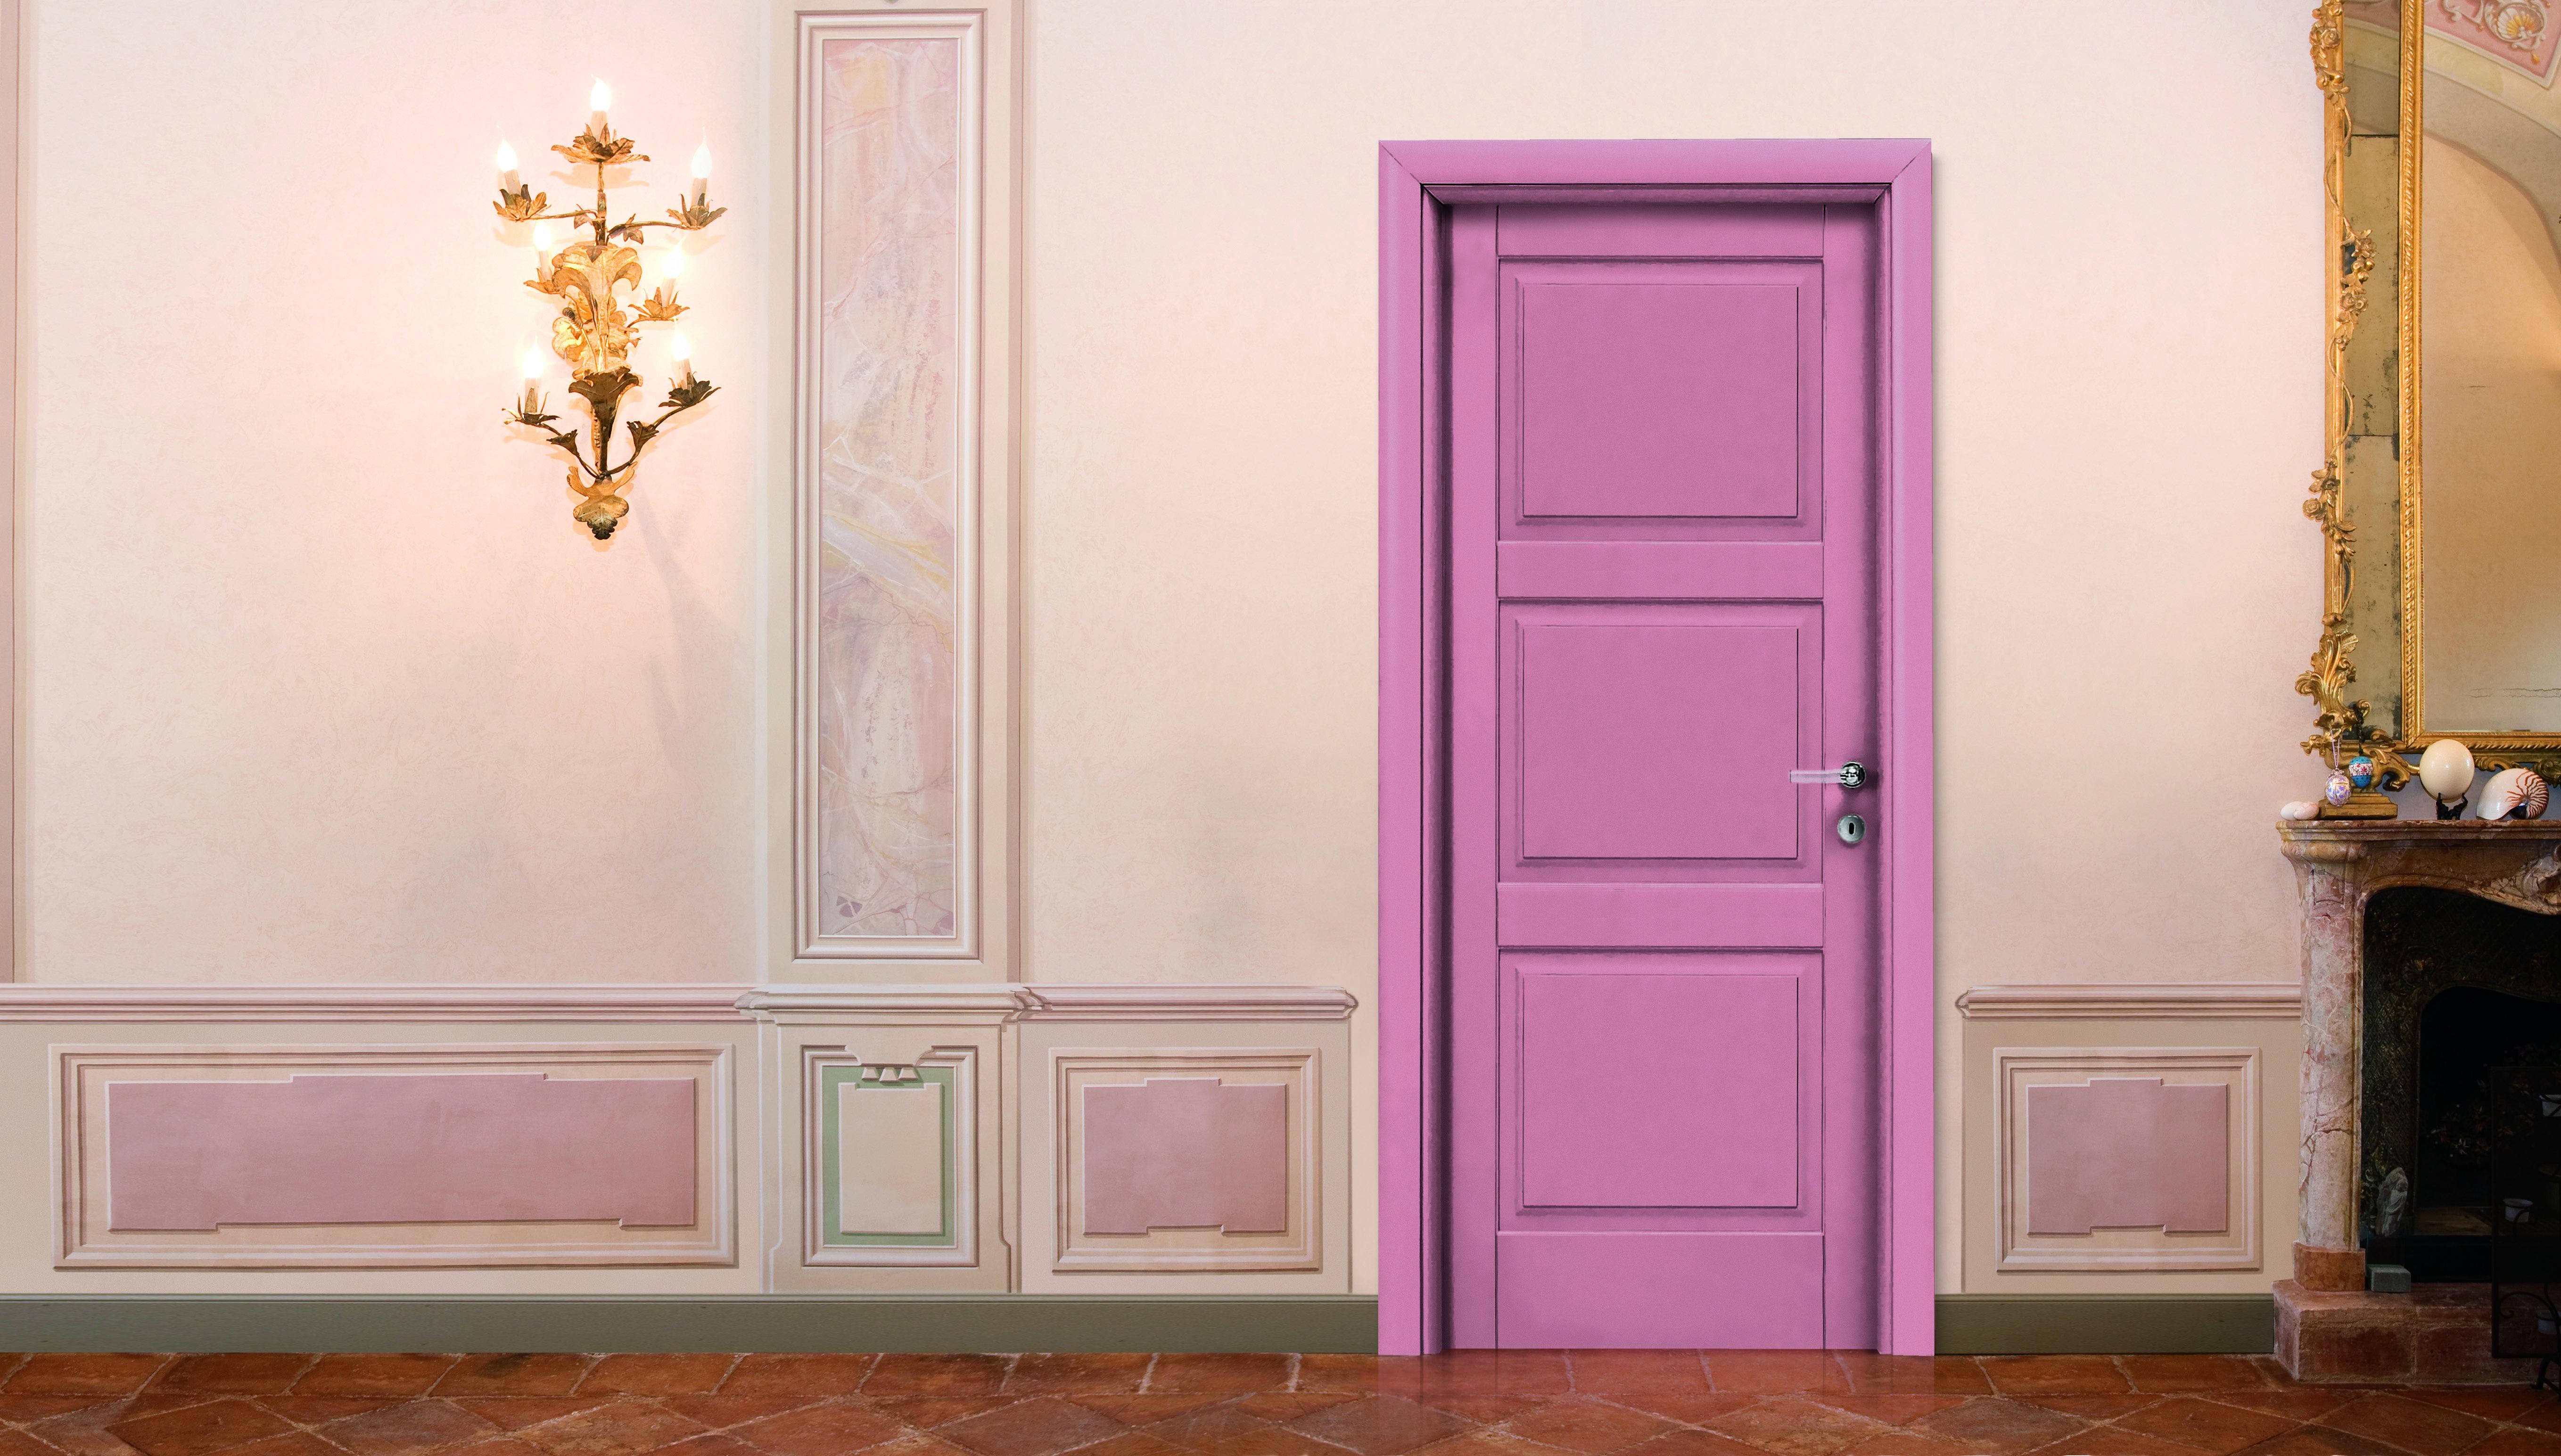 Arredare la casa con una visione rosea cose di casa for Piani di casa artigiani classici